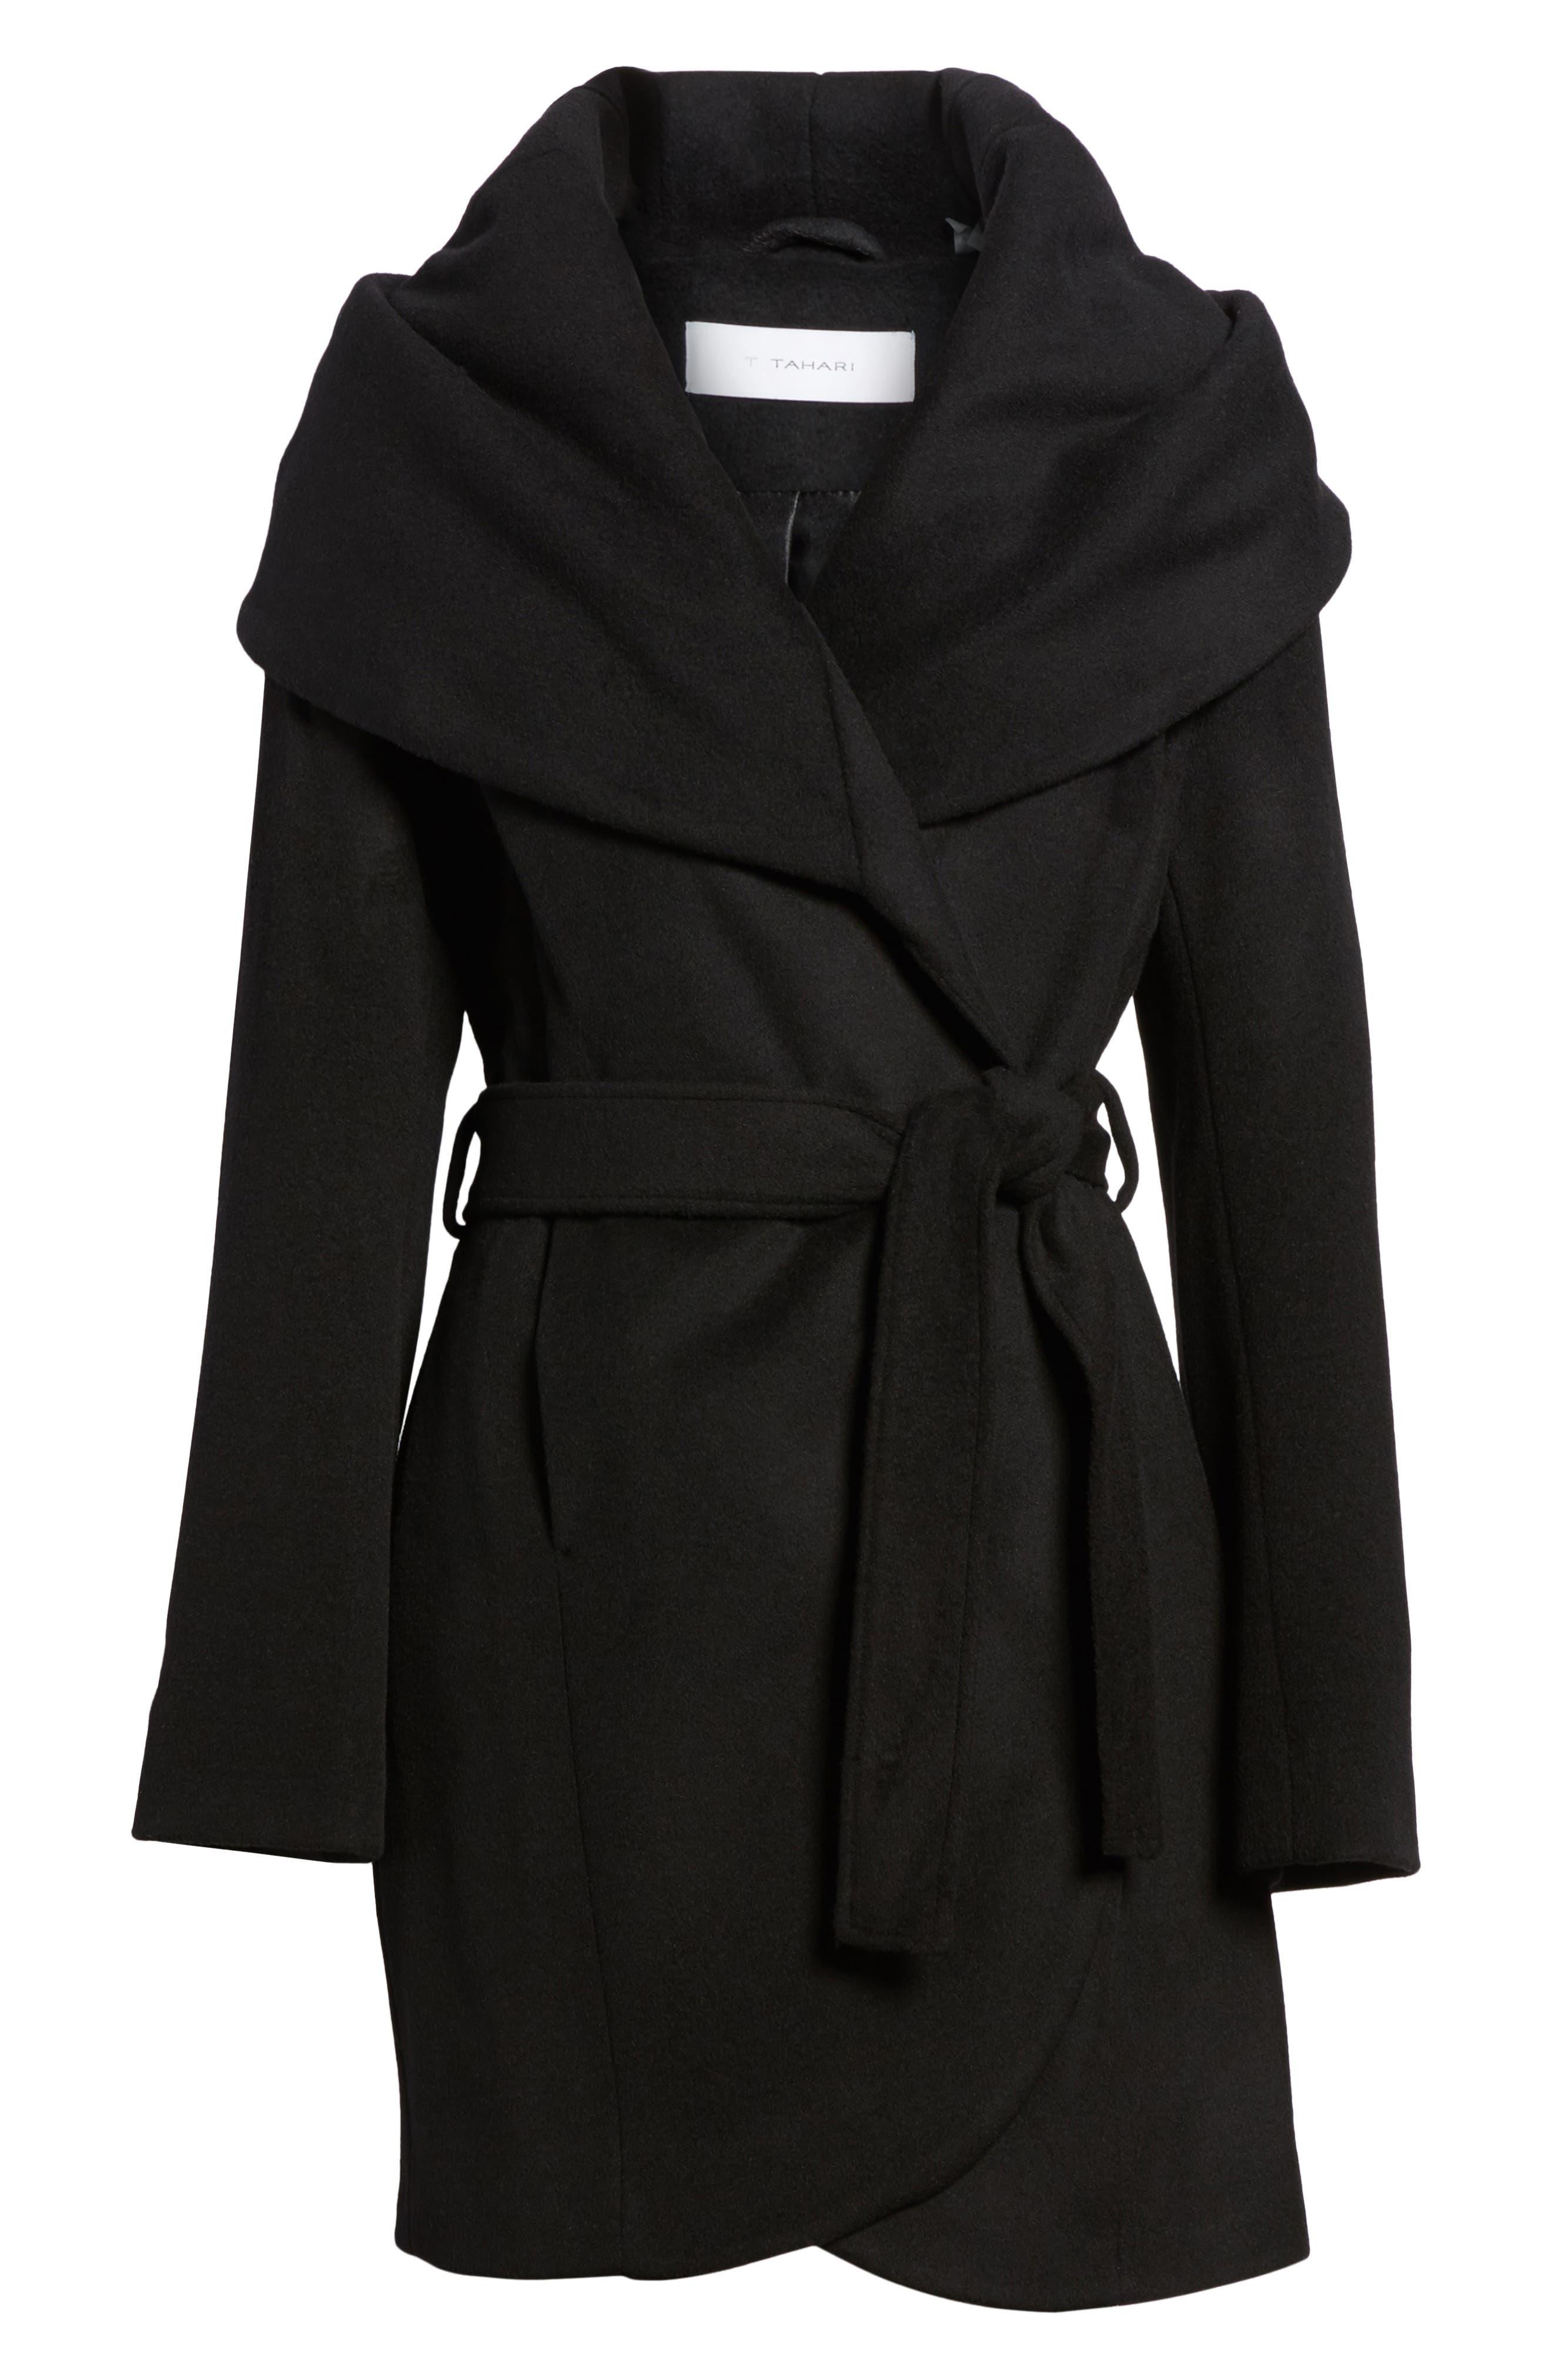 T Tahari Wool Blend Belted Wrap Coat,                         Main,                         color, BLACK